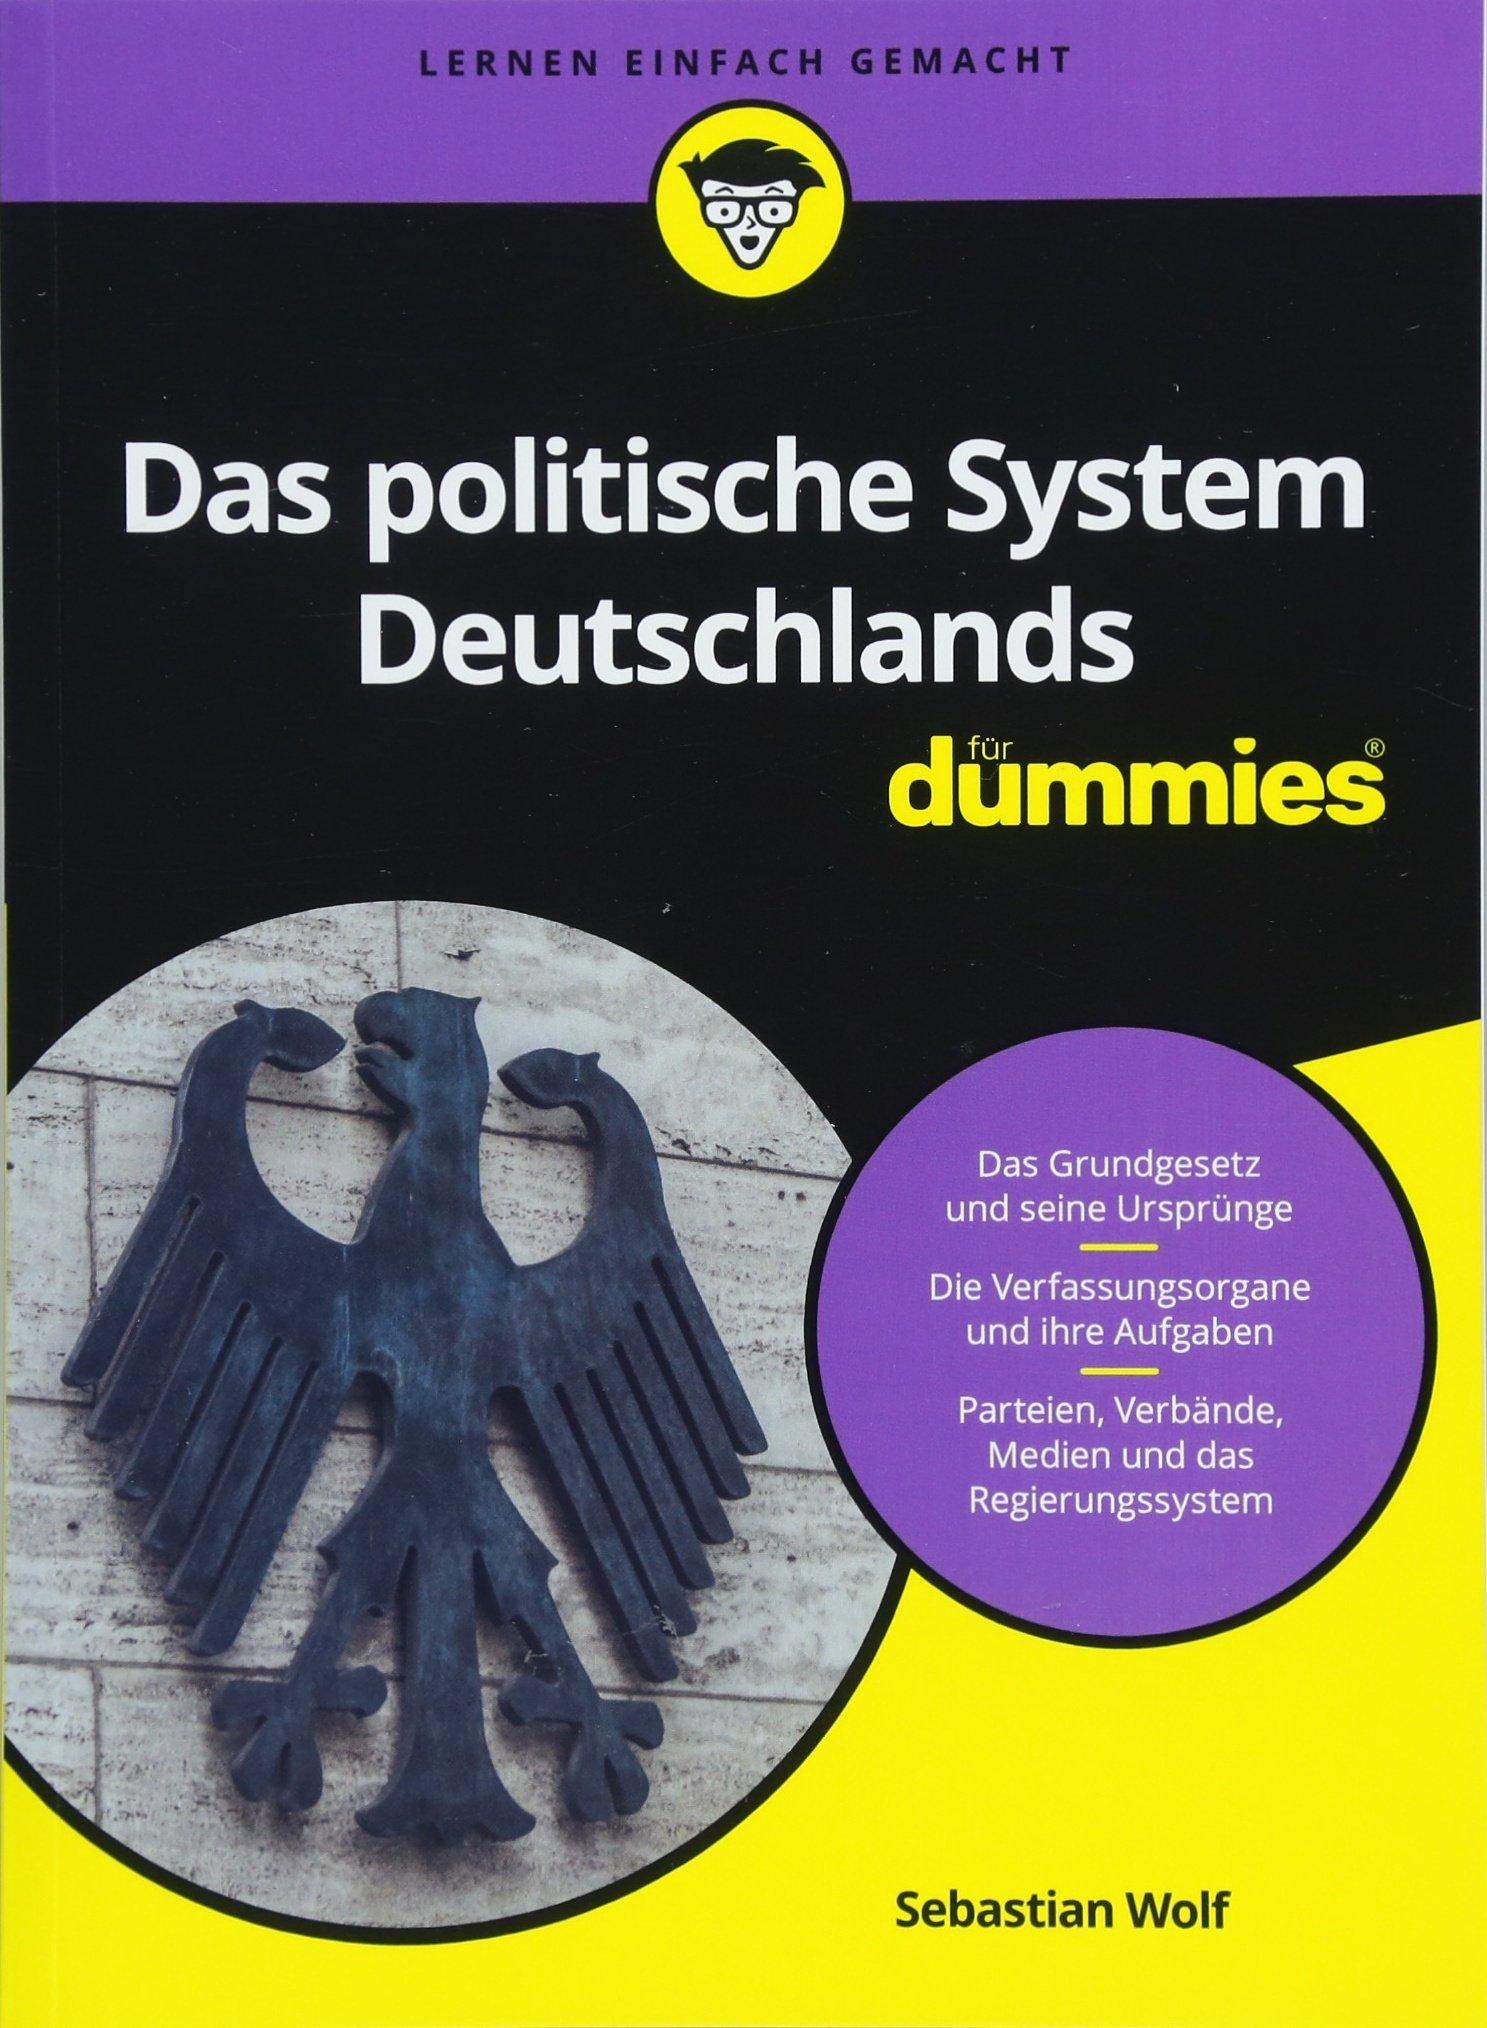 Das politische System Deutschlands für Dummies Taschenbuch – 11. April 2018 Sebastian Wolf Wiley-VCH 3527713581 Germany